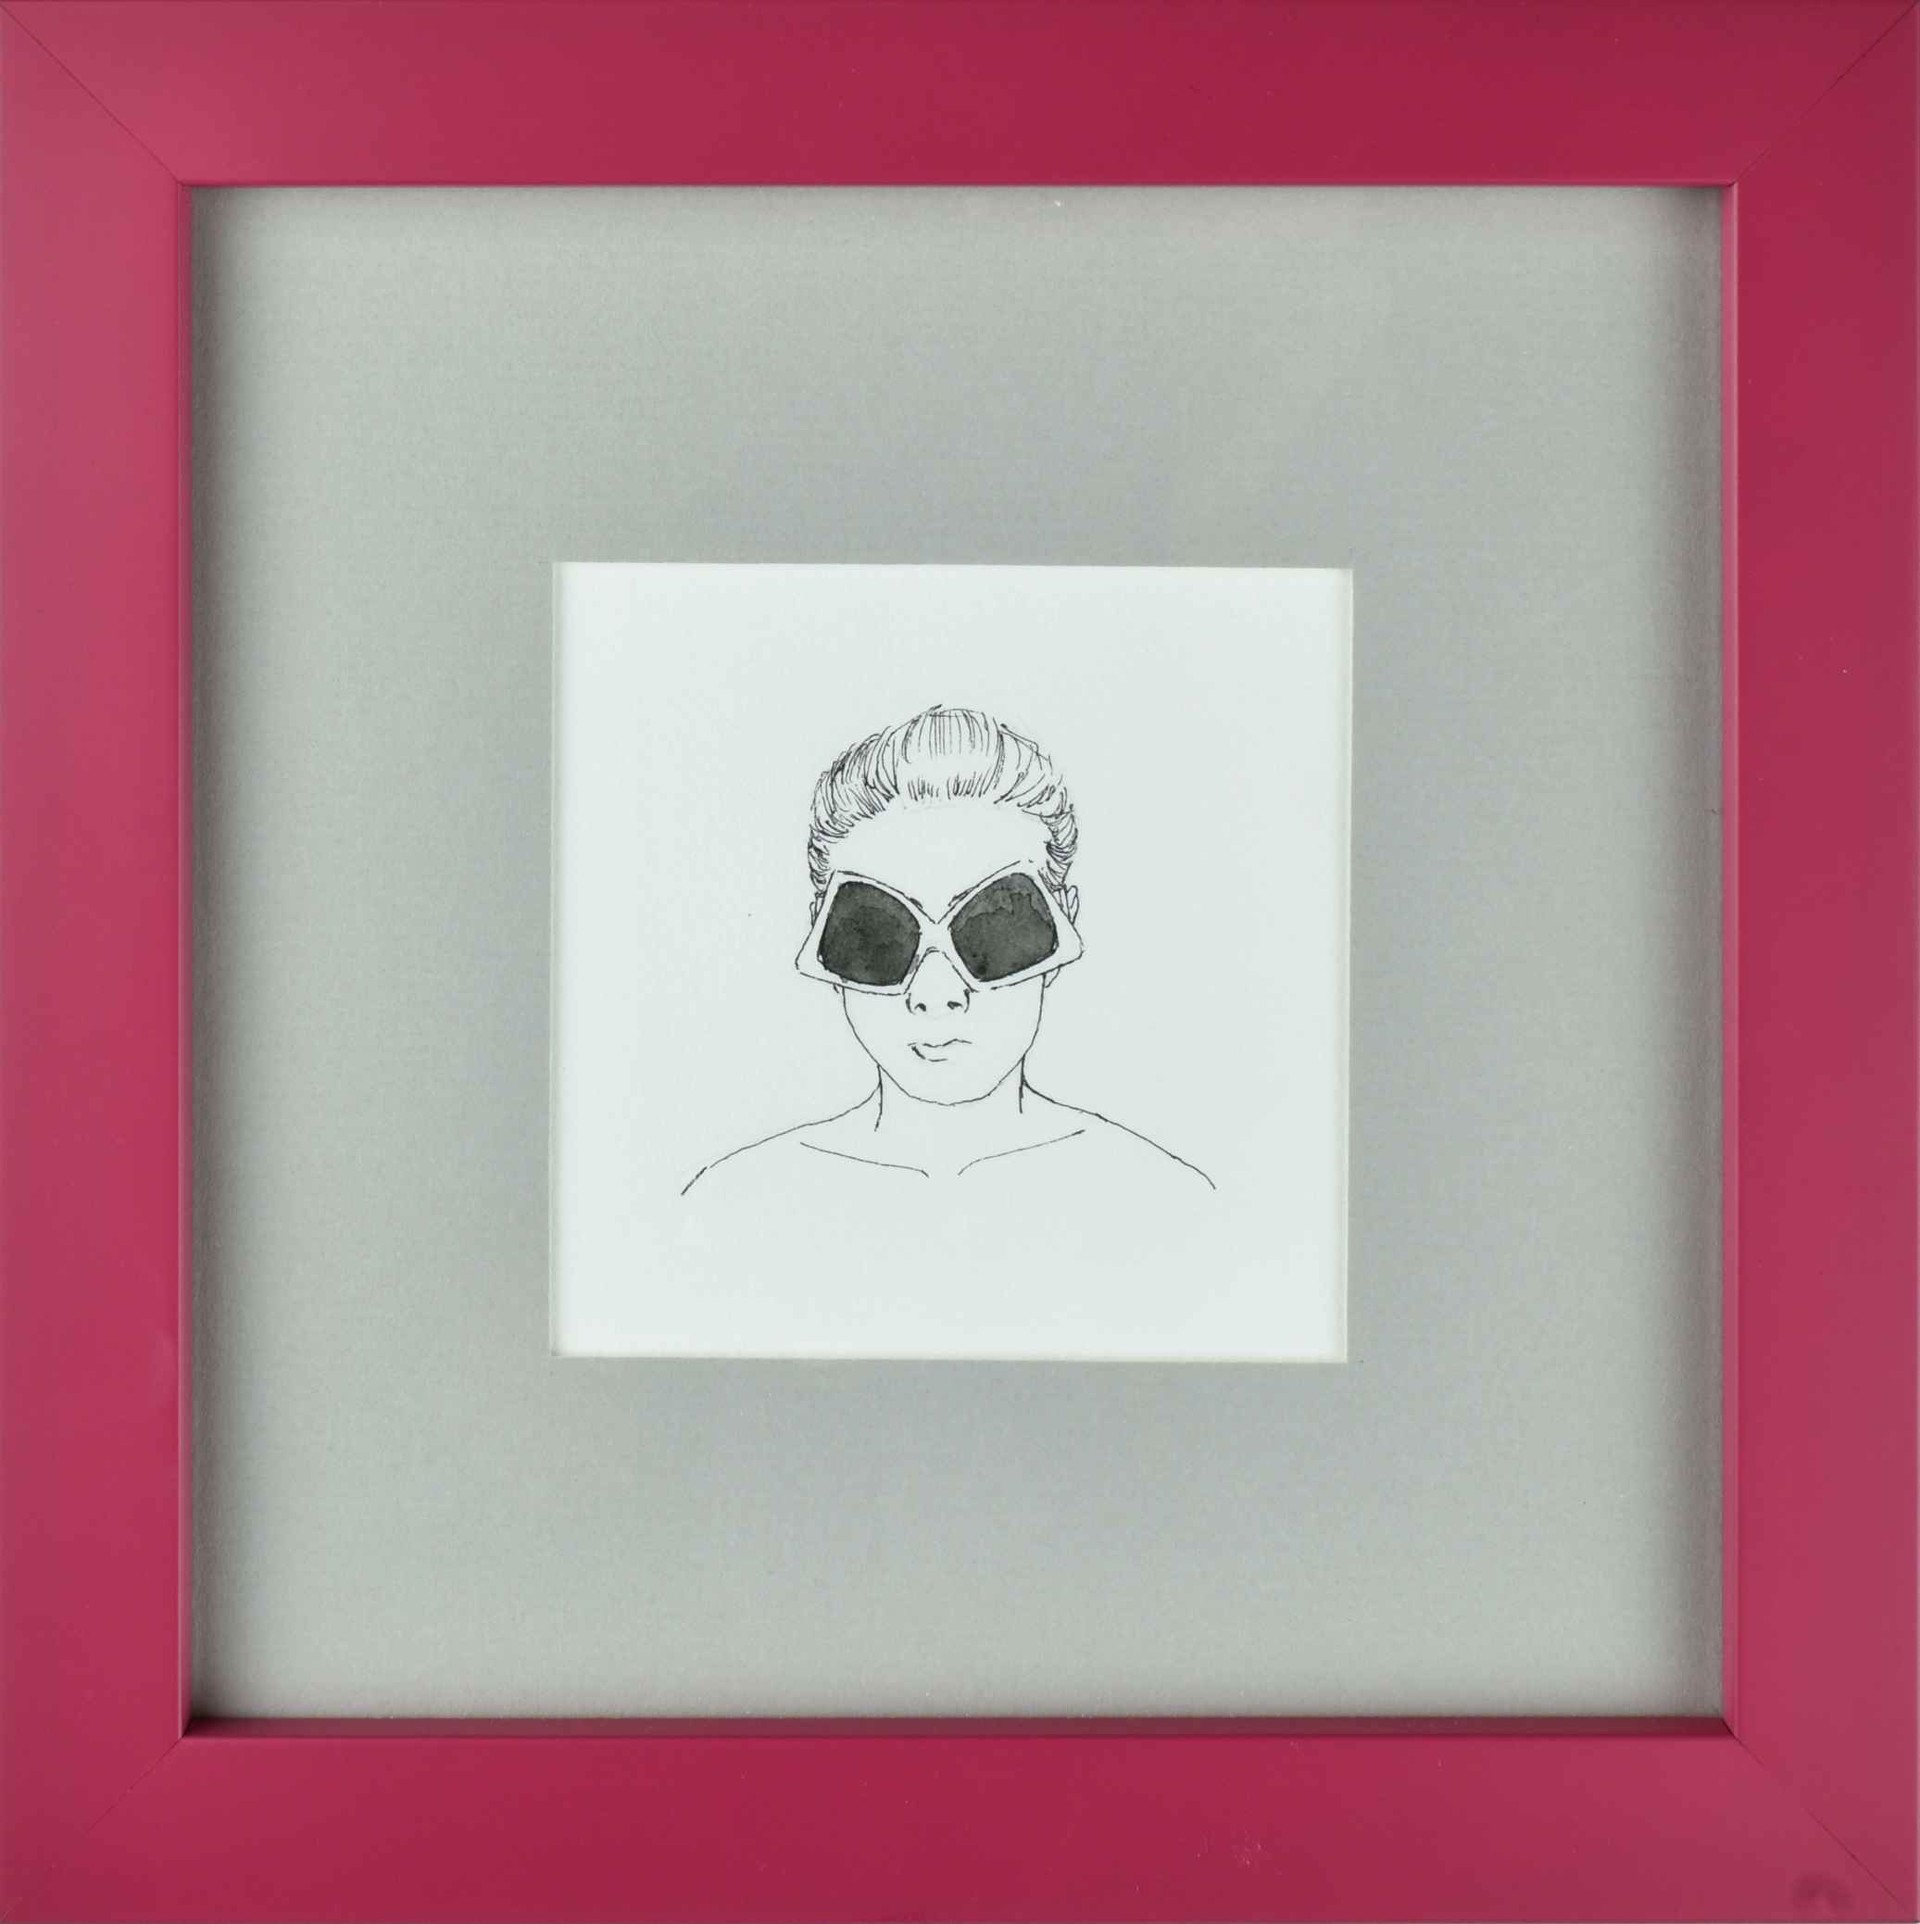 Sunglasses 3 by Jill Hakala